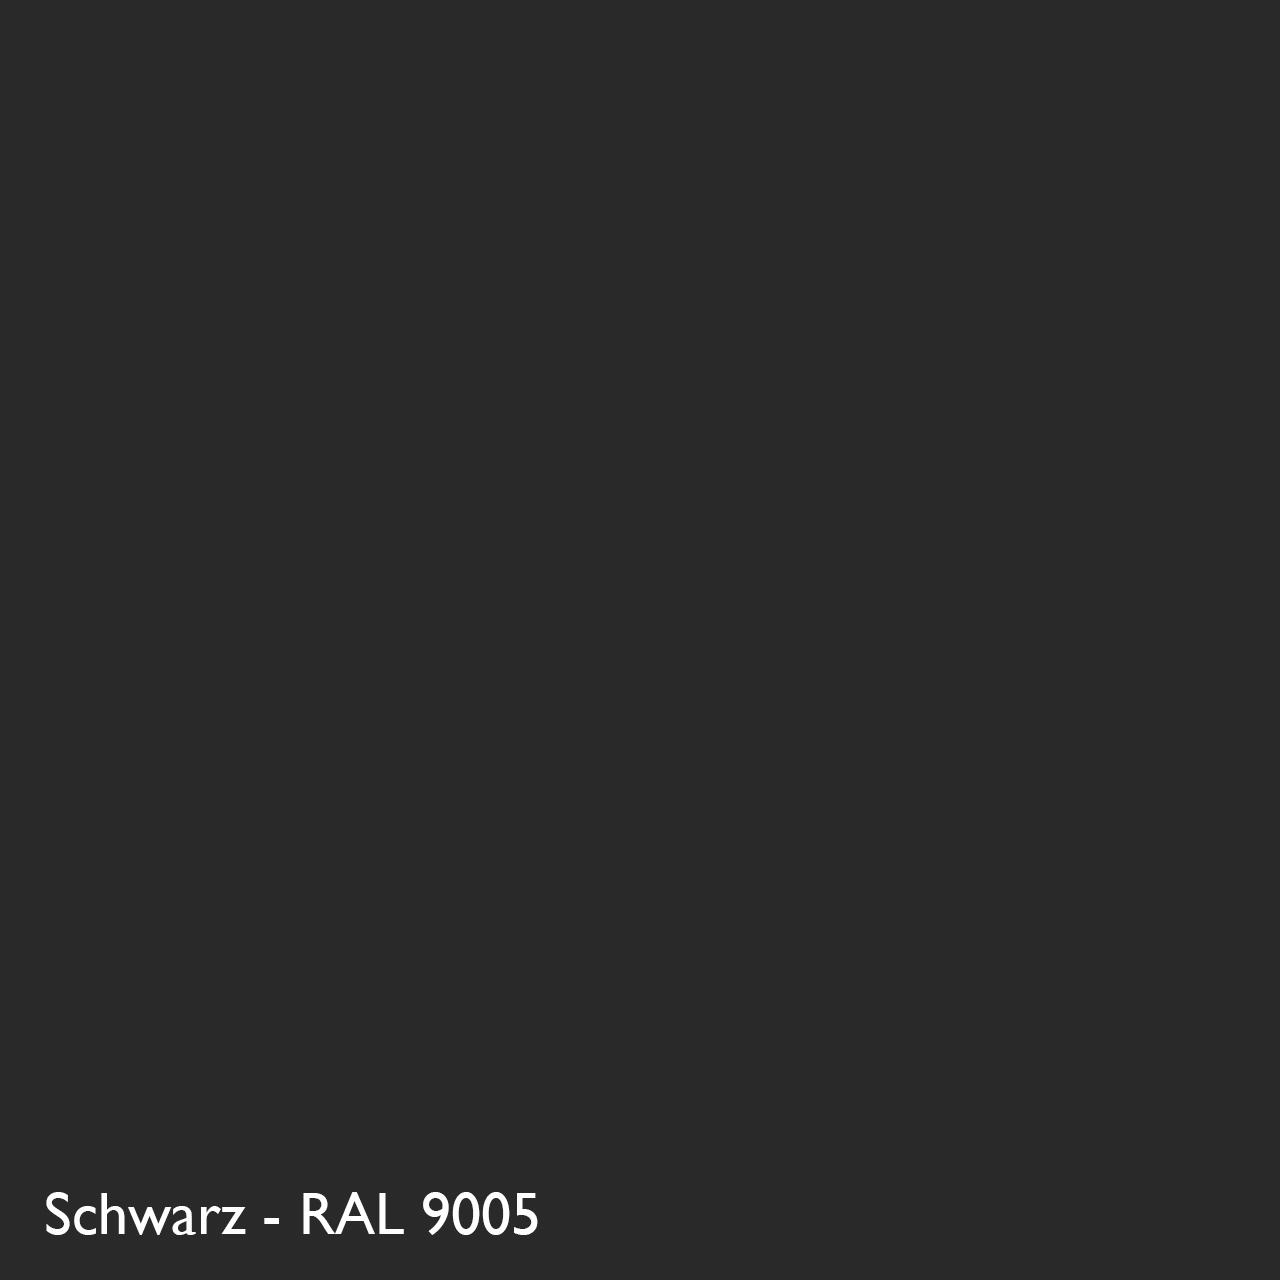 Farbkachel Manufakt Schwarz - RAL 9005